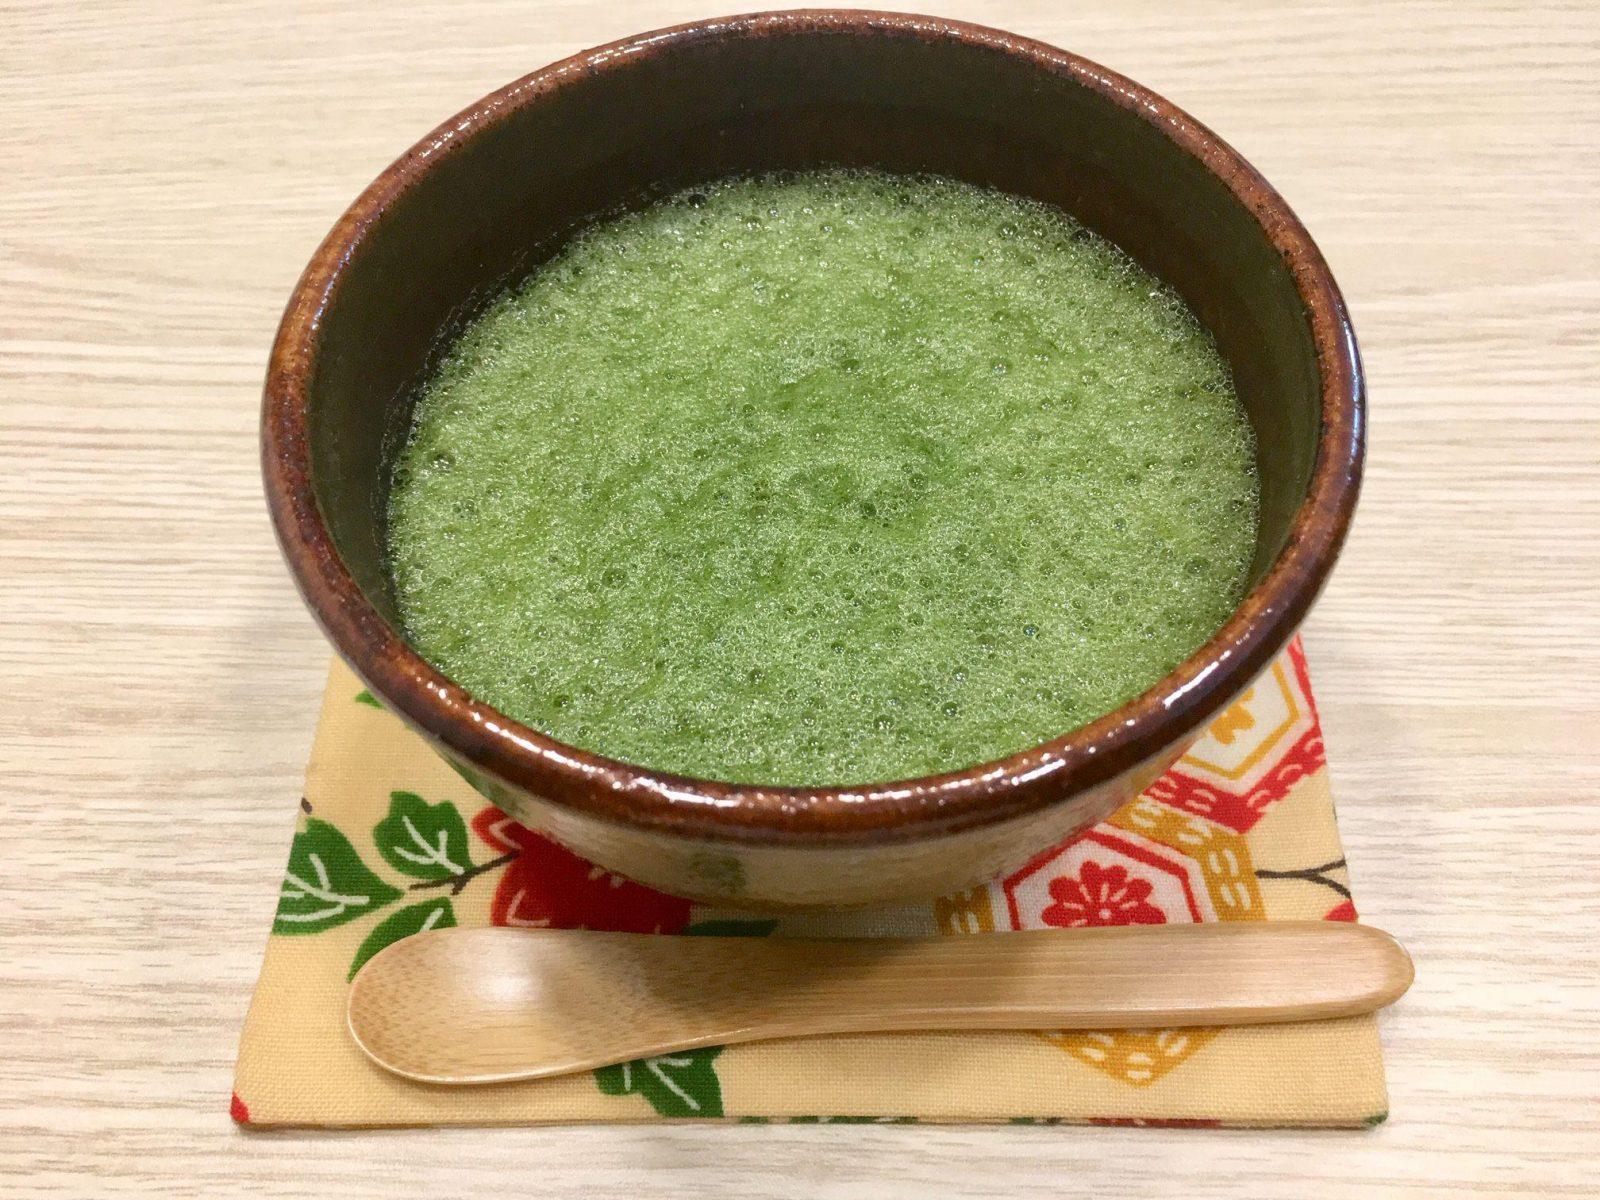 老舗日本茶メーカー「千茶荘」ベトナム上陸!ホーチミンのカフェ激戦区でいただく創業 80 年 の本格日本茶のお味はいかに/ Foobiz VIETNAM